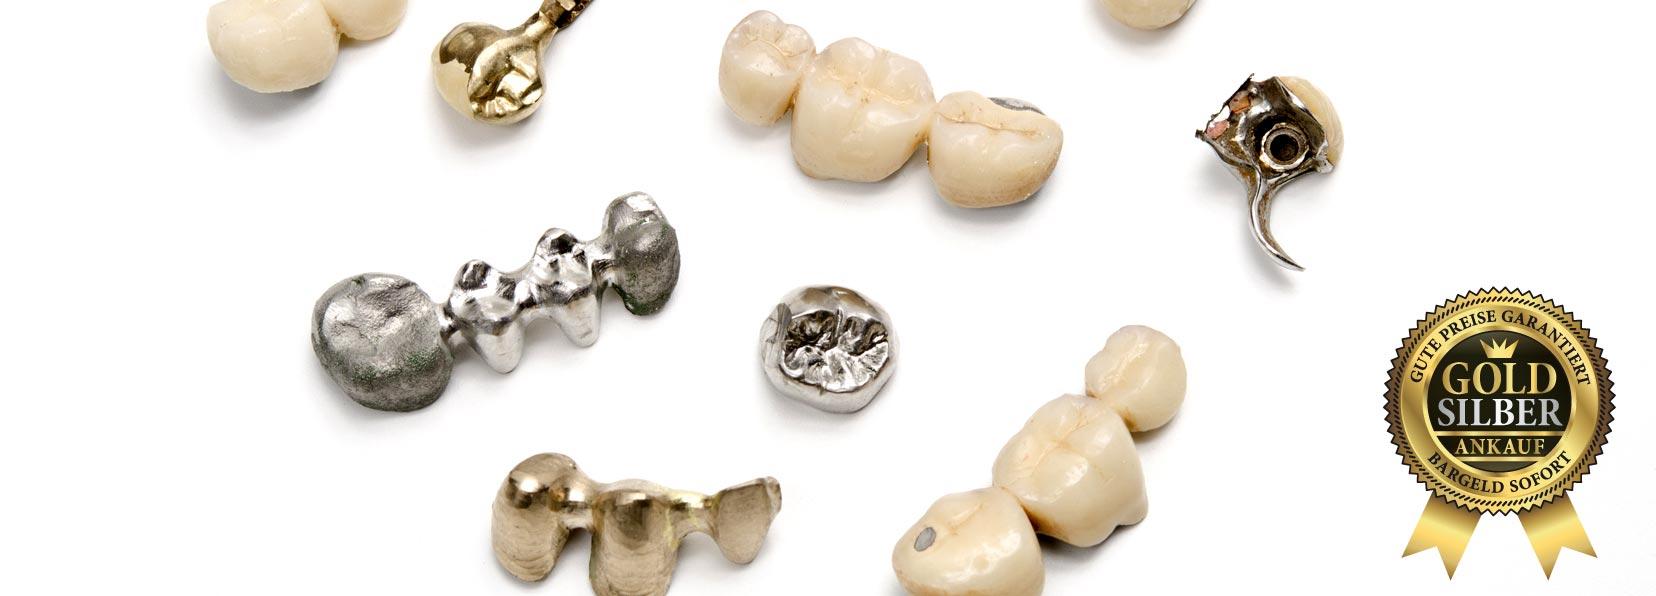 Zähne und Goldzähne